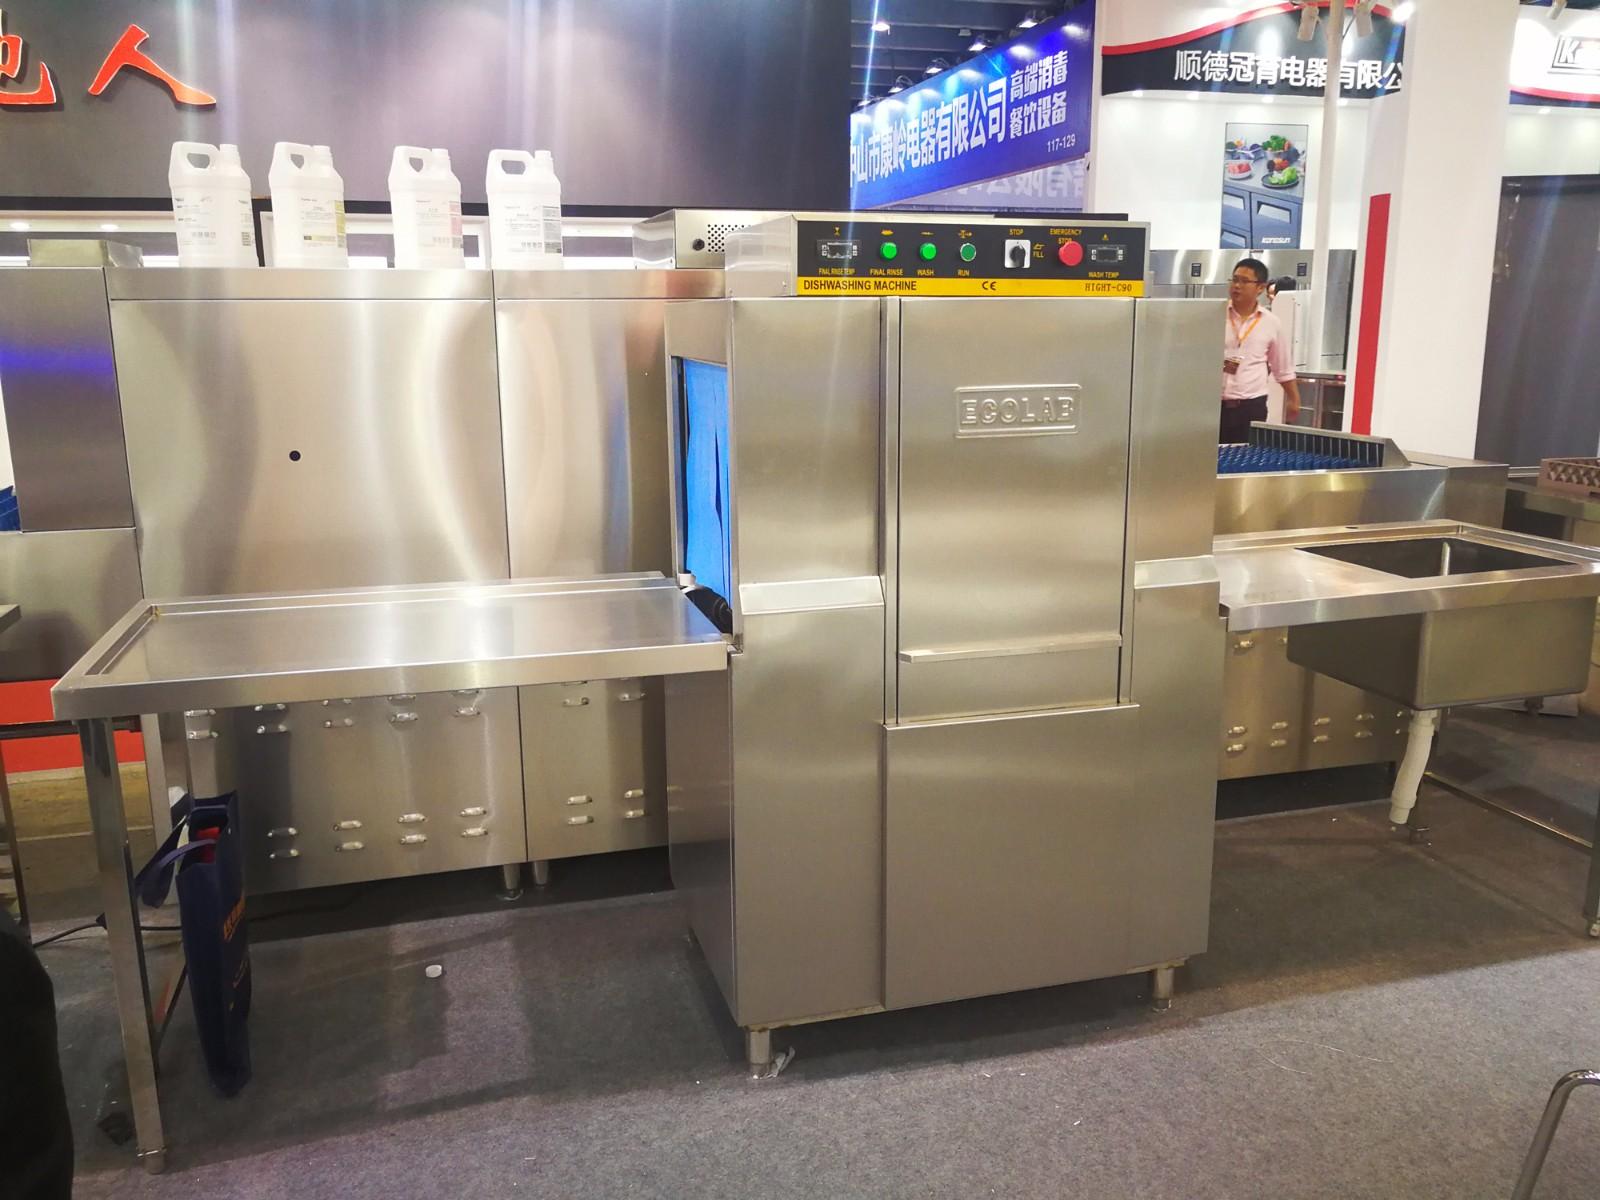 2017年12月酒店展会|新闻资讯-佛山市南海区有田商用厨房设备有限公司